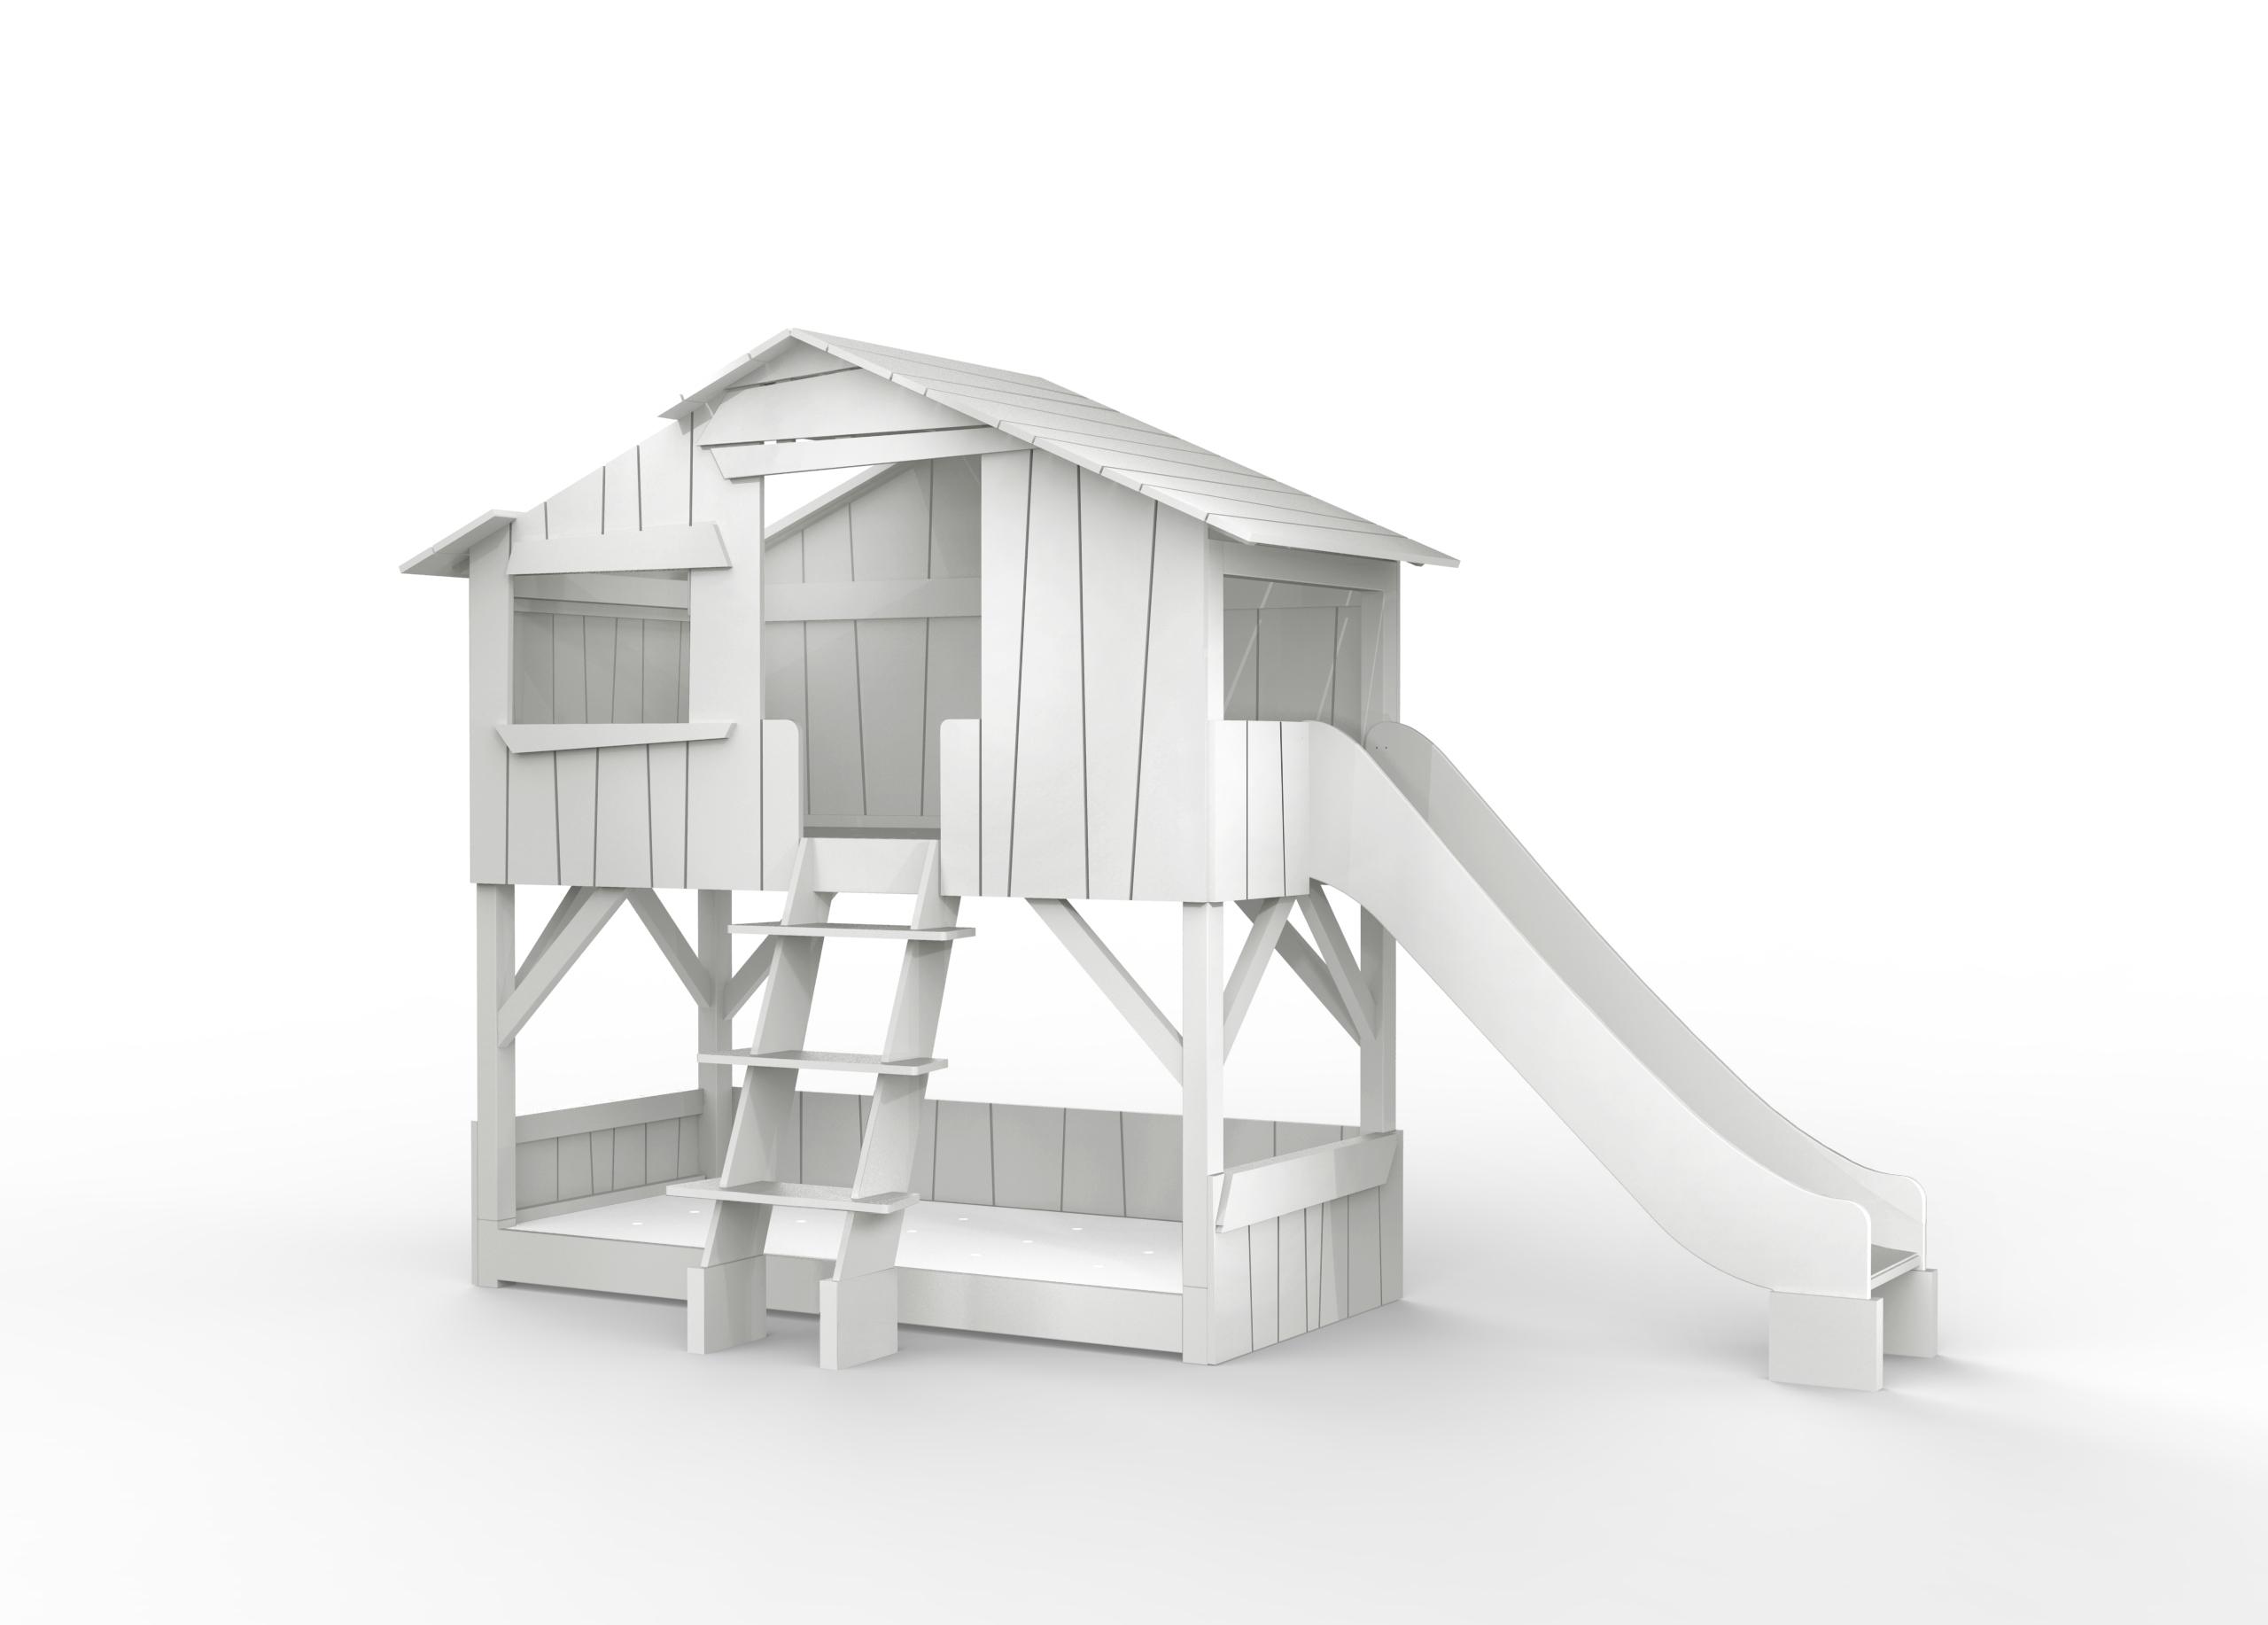 lit cabane superpos e toboggan la jungle du prince. Black Bedroom Furniture Sets. Home Design Ideas